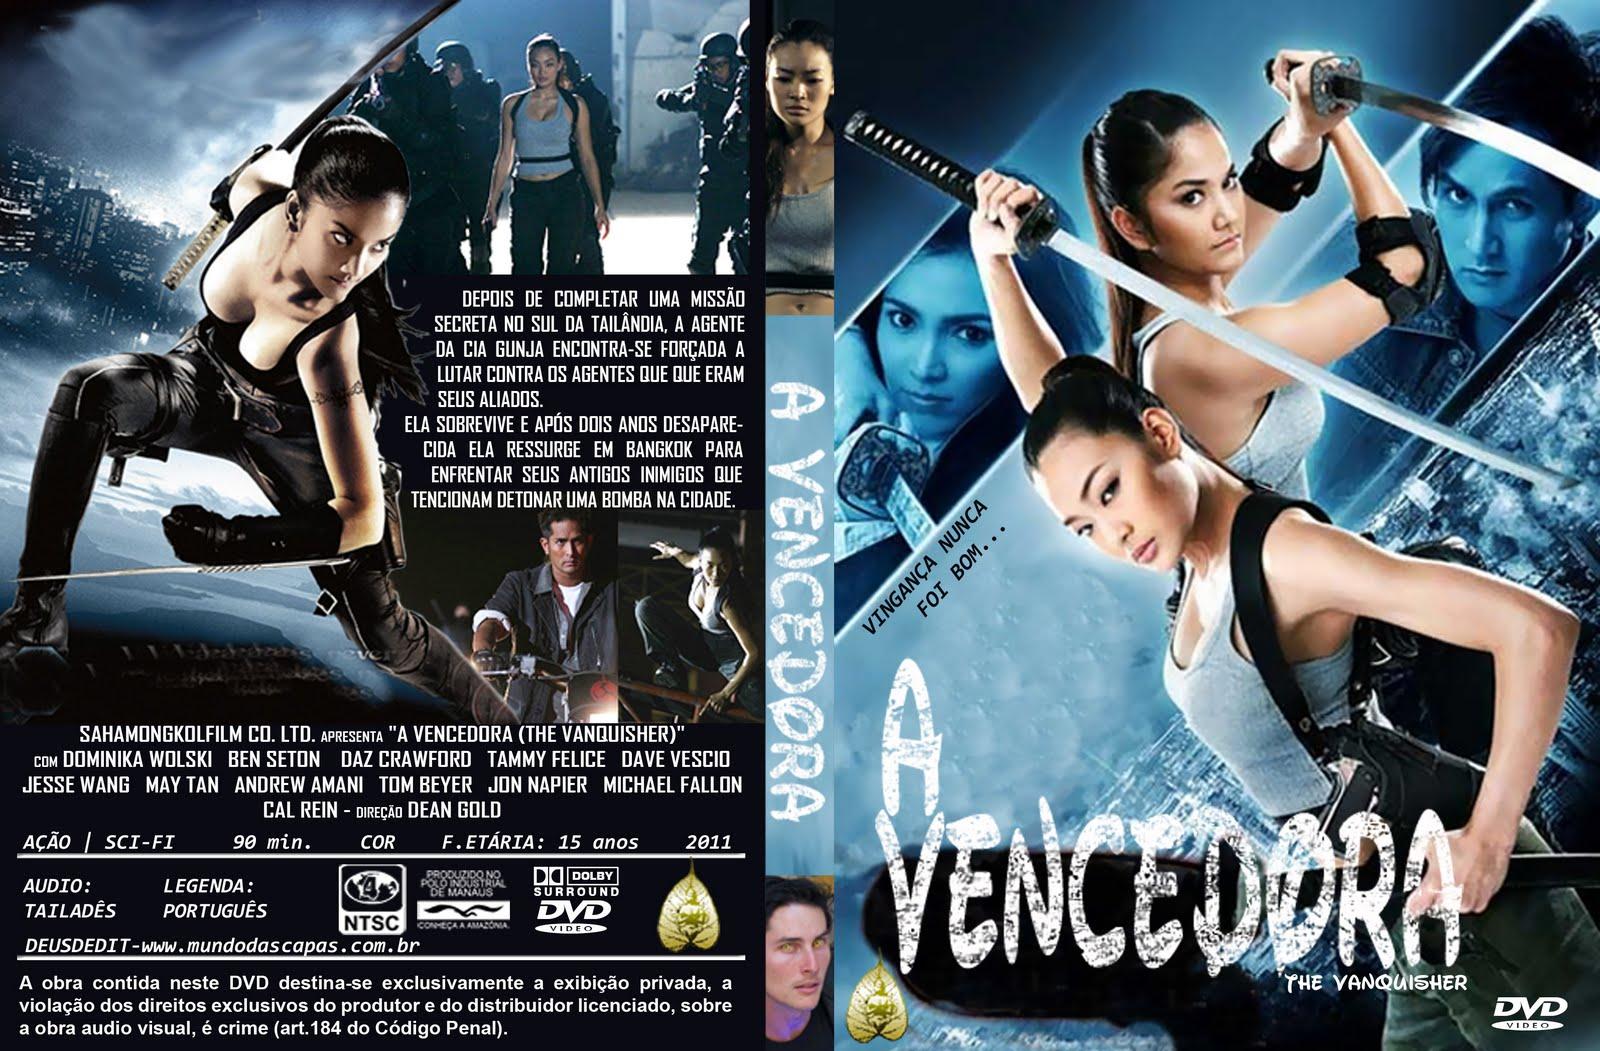 CAPA DO FILME A VENCEDORA